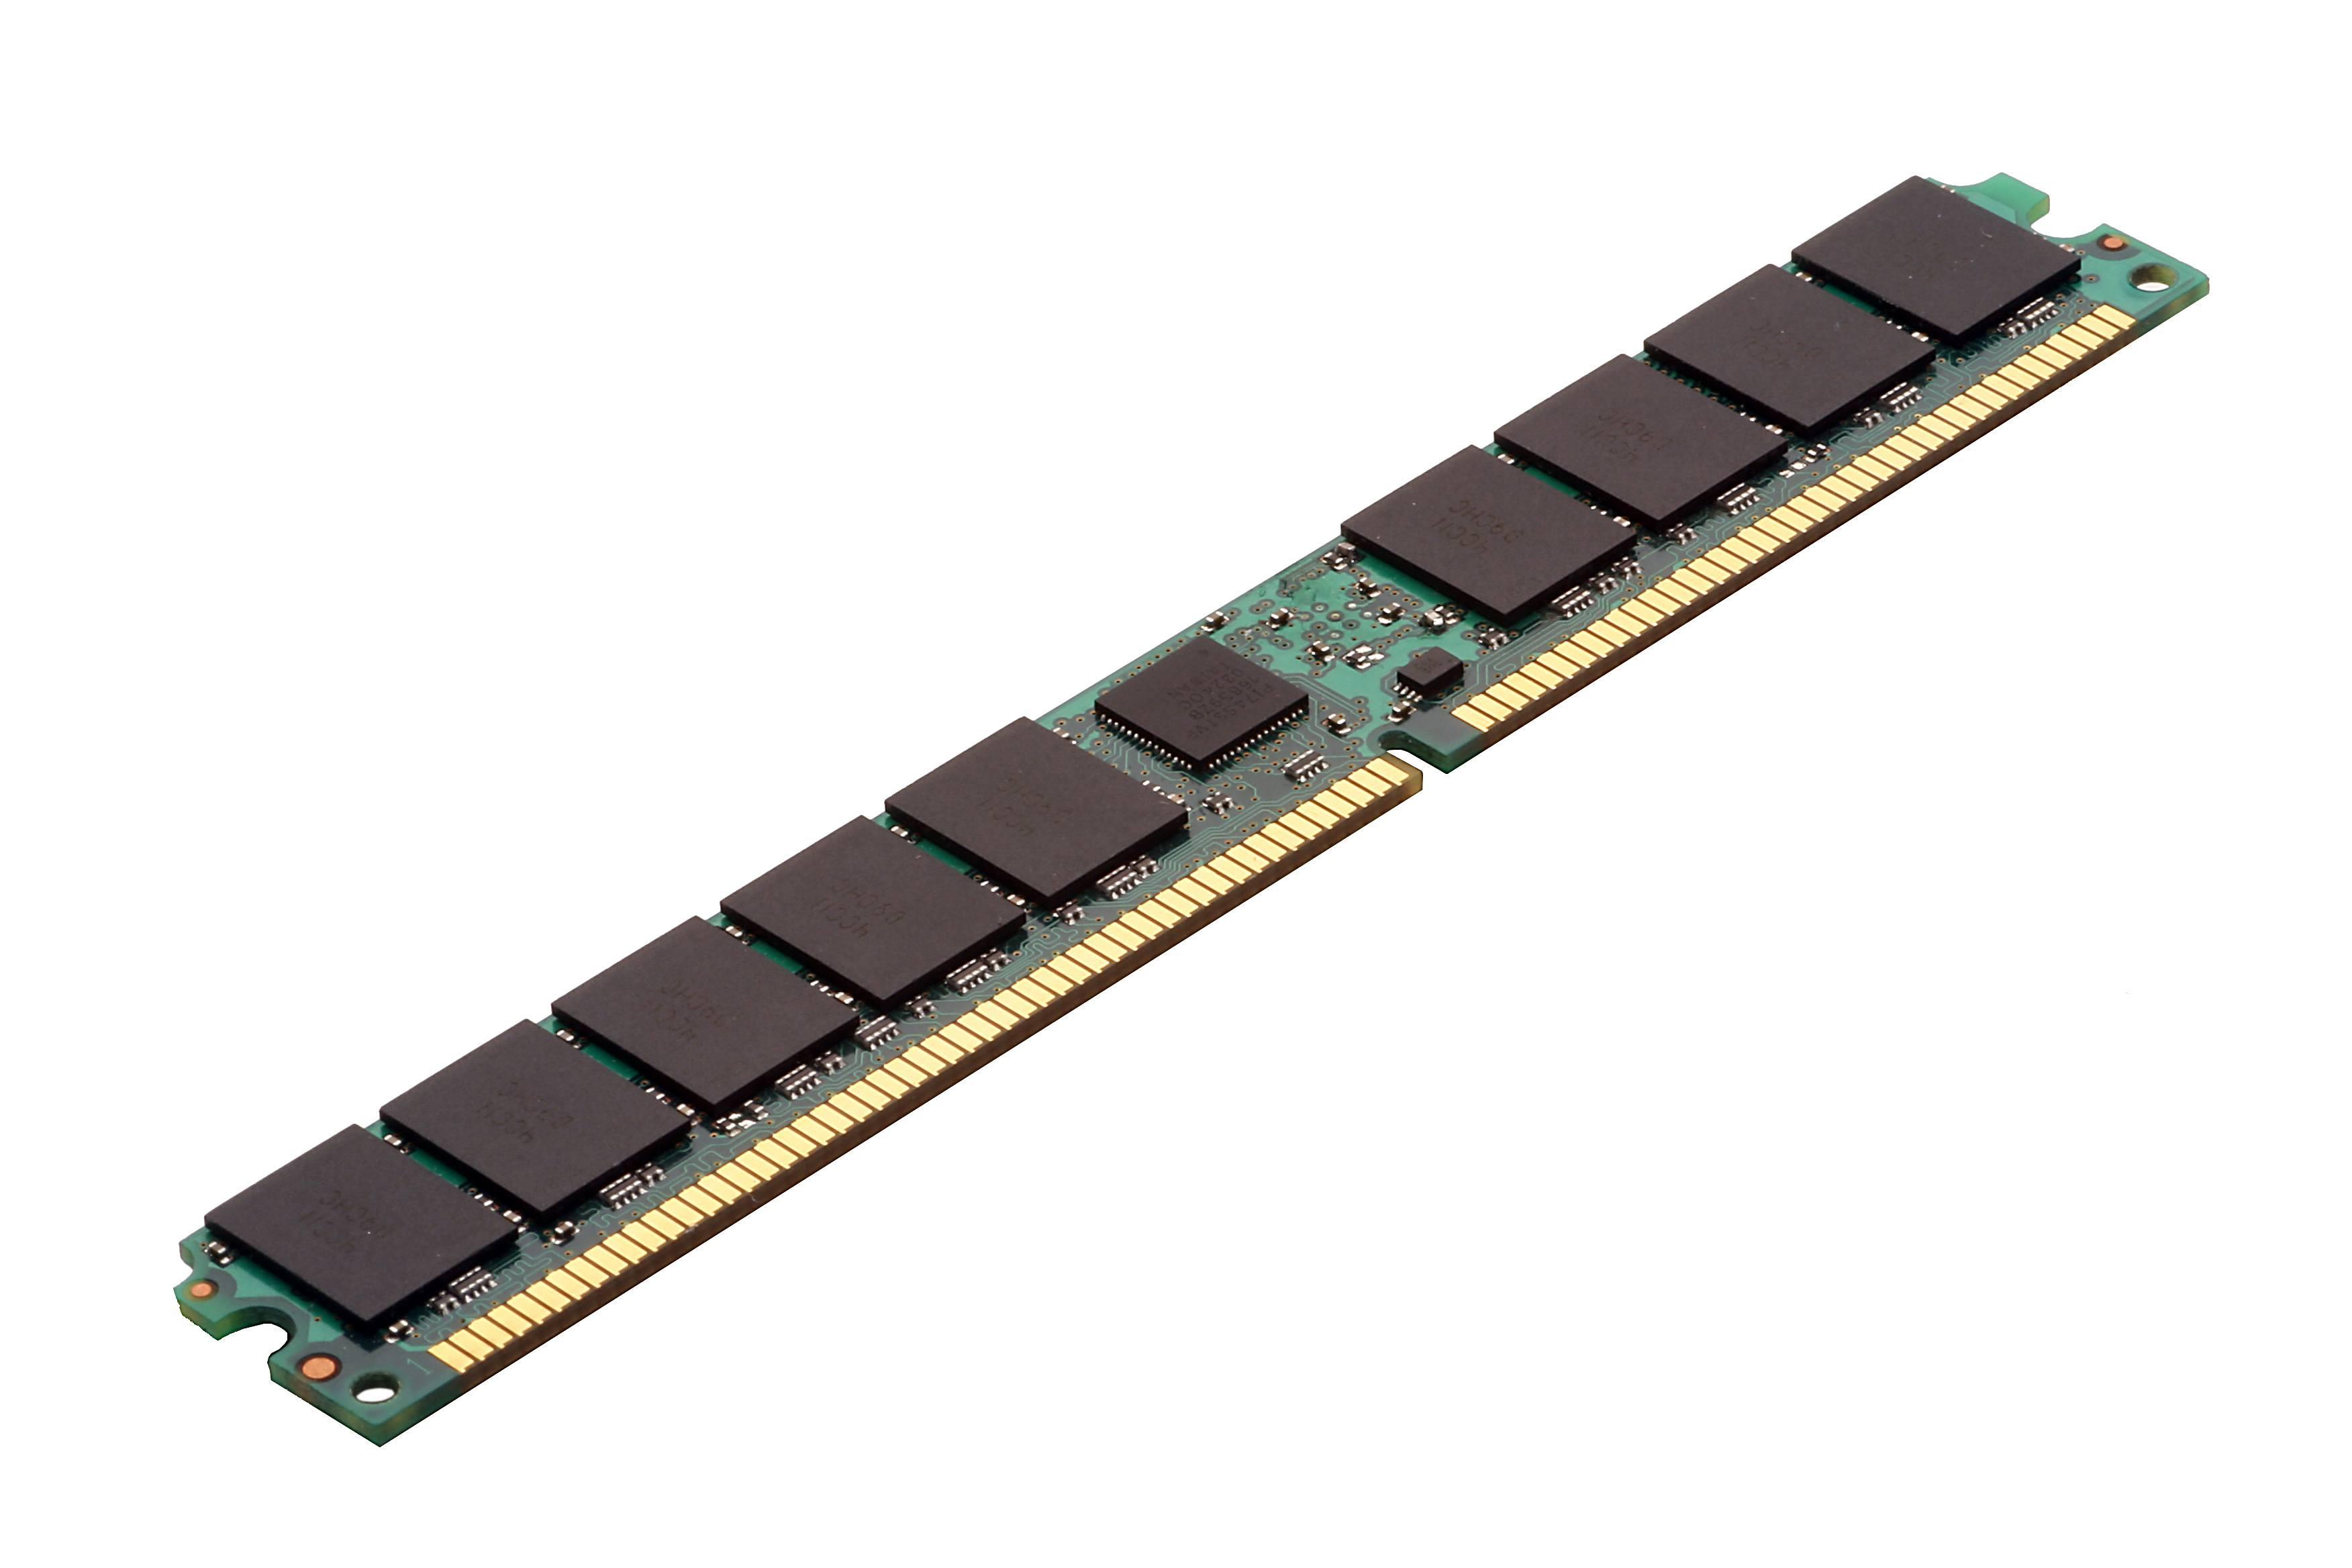 分類為四等級 VLP RDIMM 的 DRAM 模組